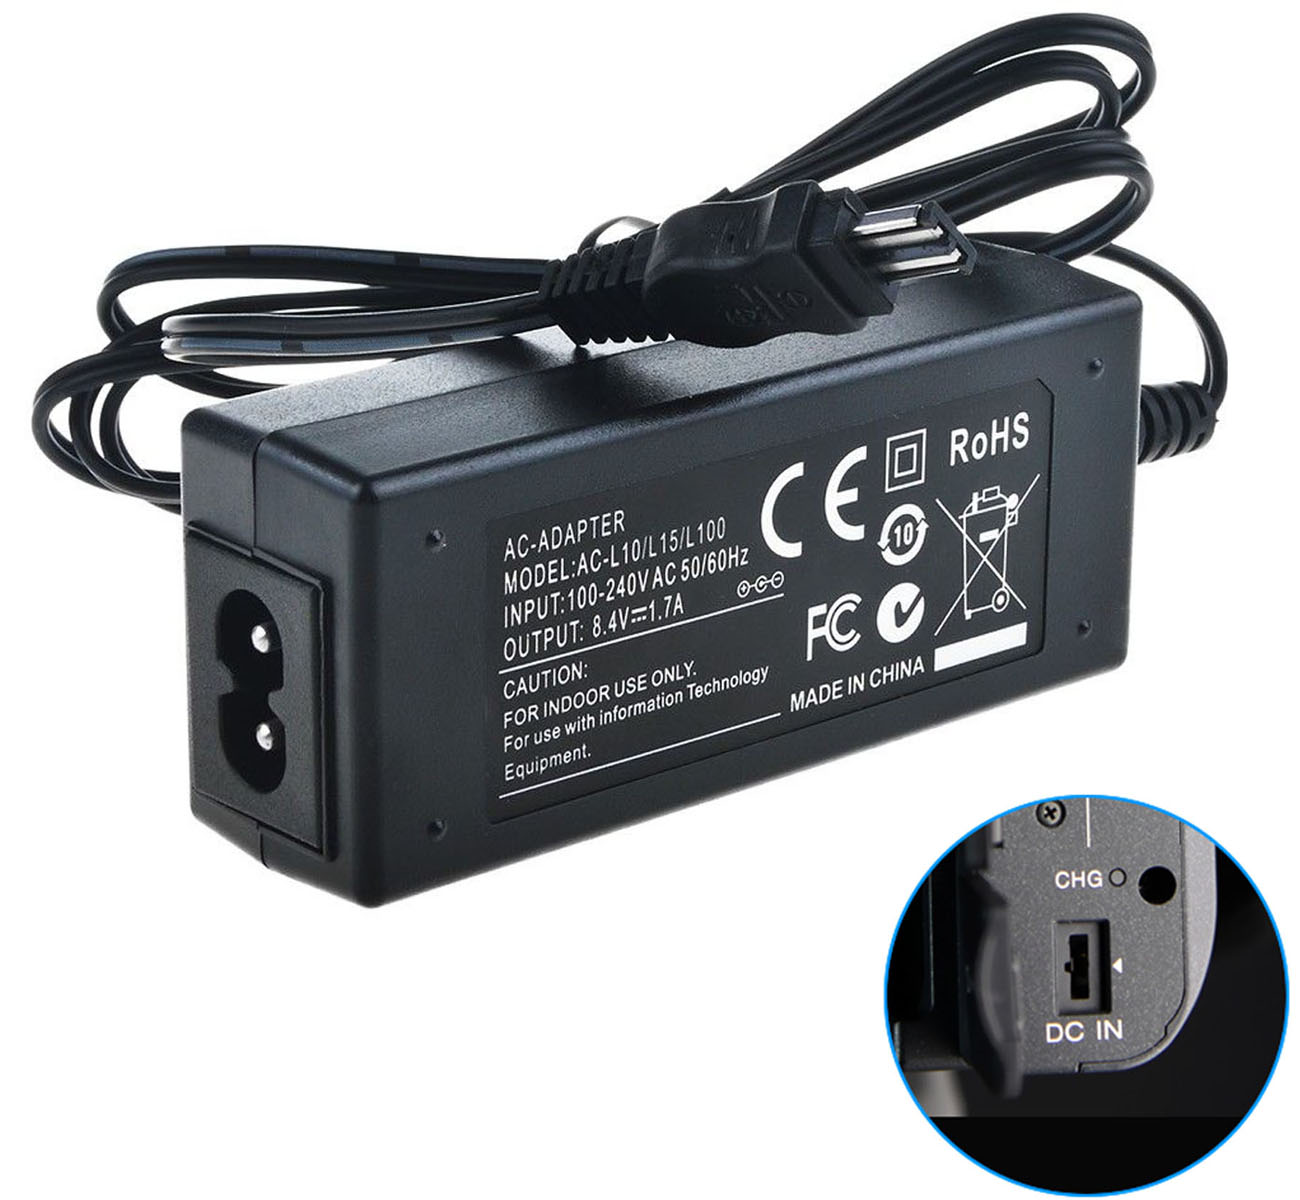 USB Cargador De Batería Para Sony CCD-TRV15 CCD-TRV16 CCD-TRV17 CCD-TRV215 CCD-TRV23